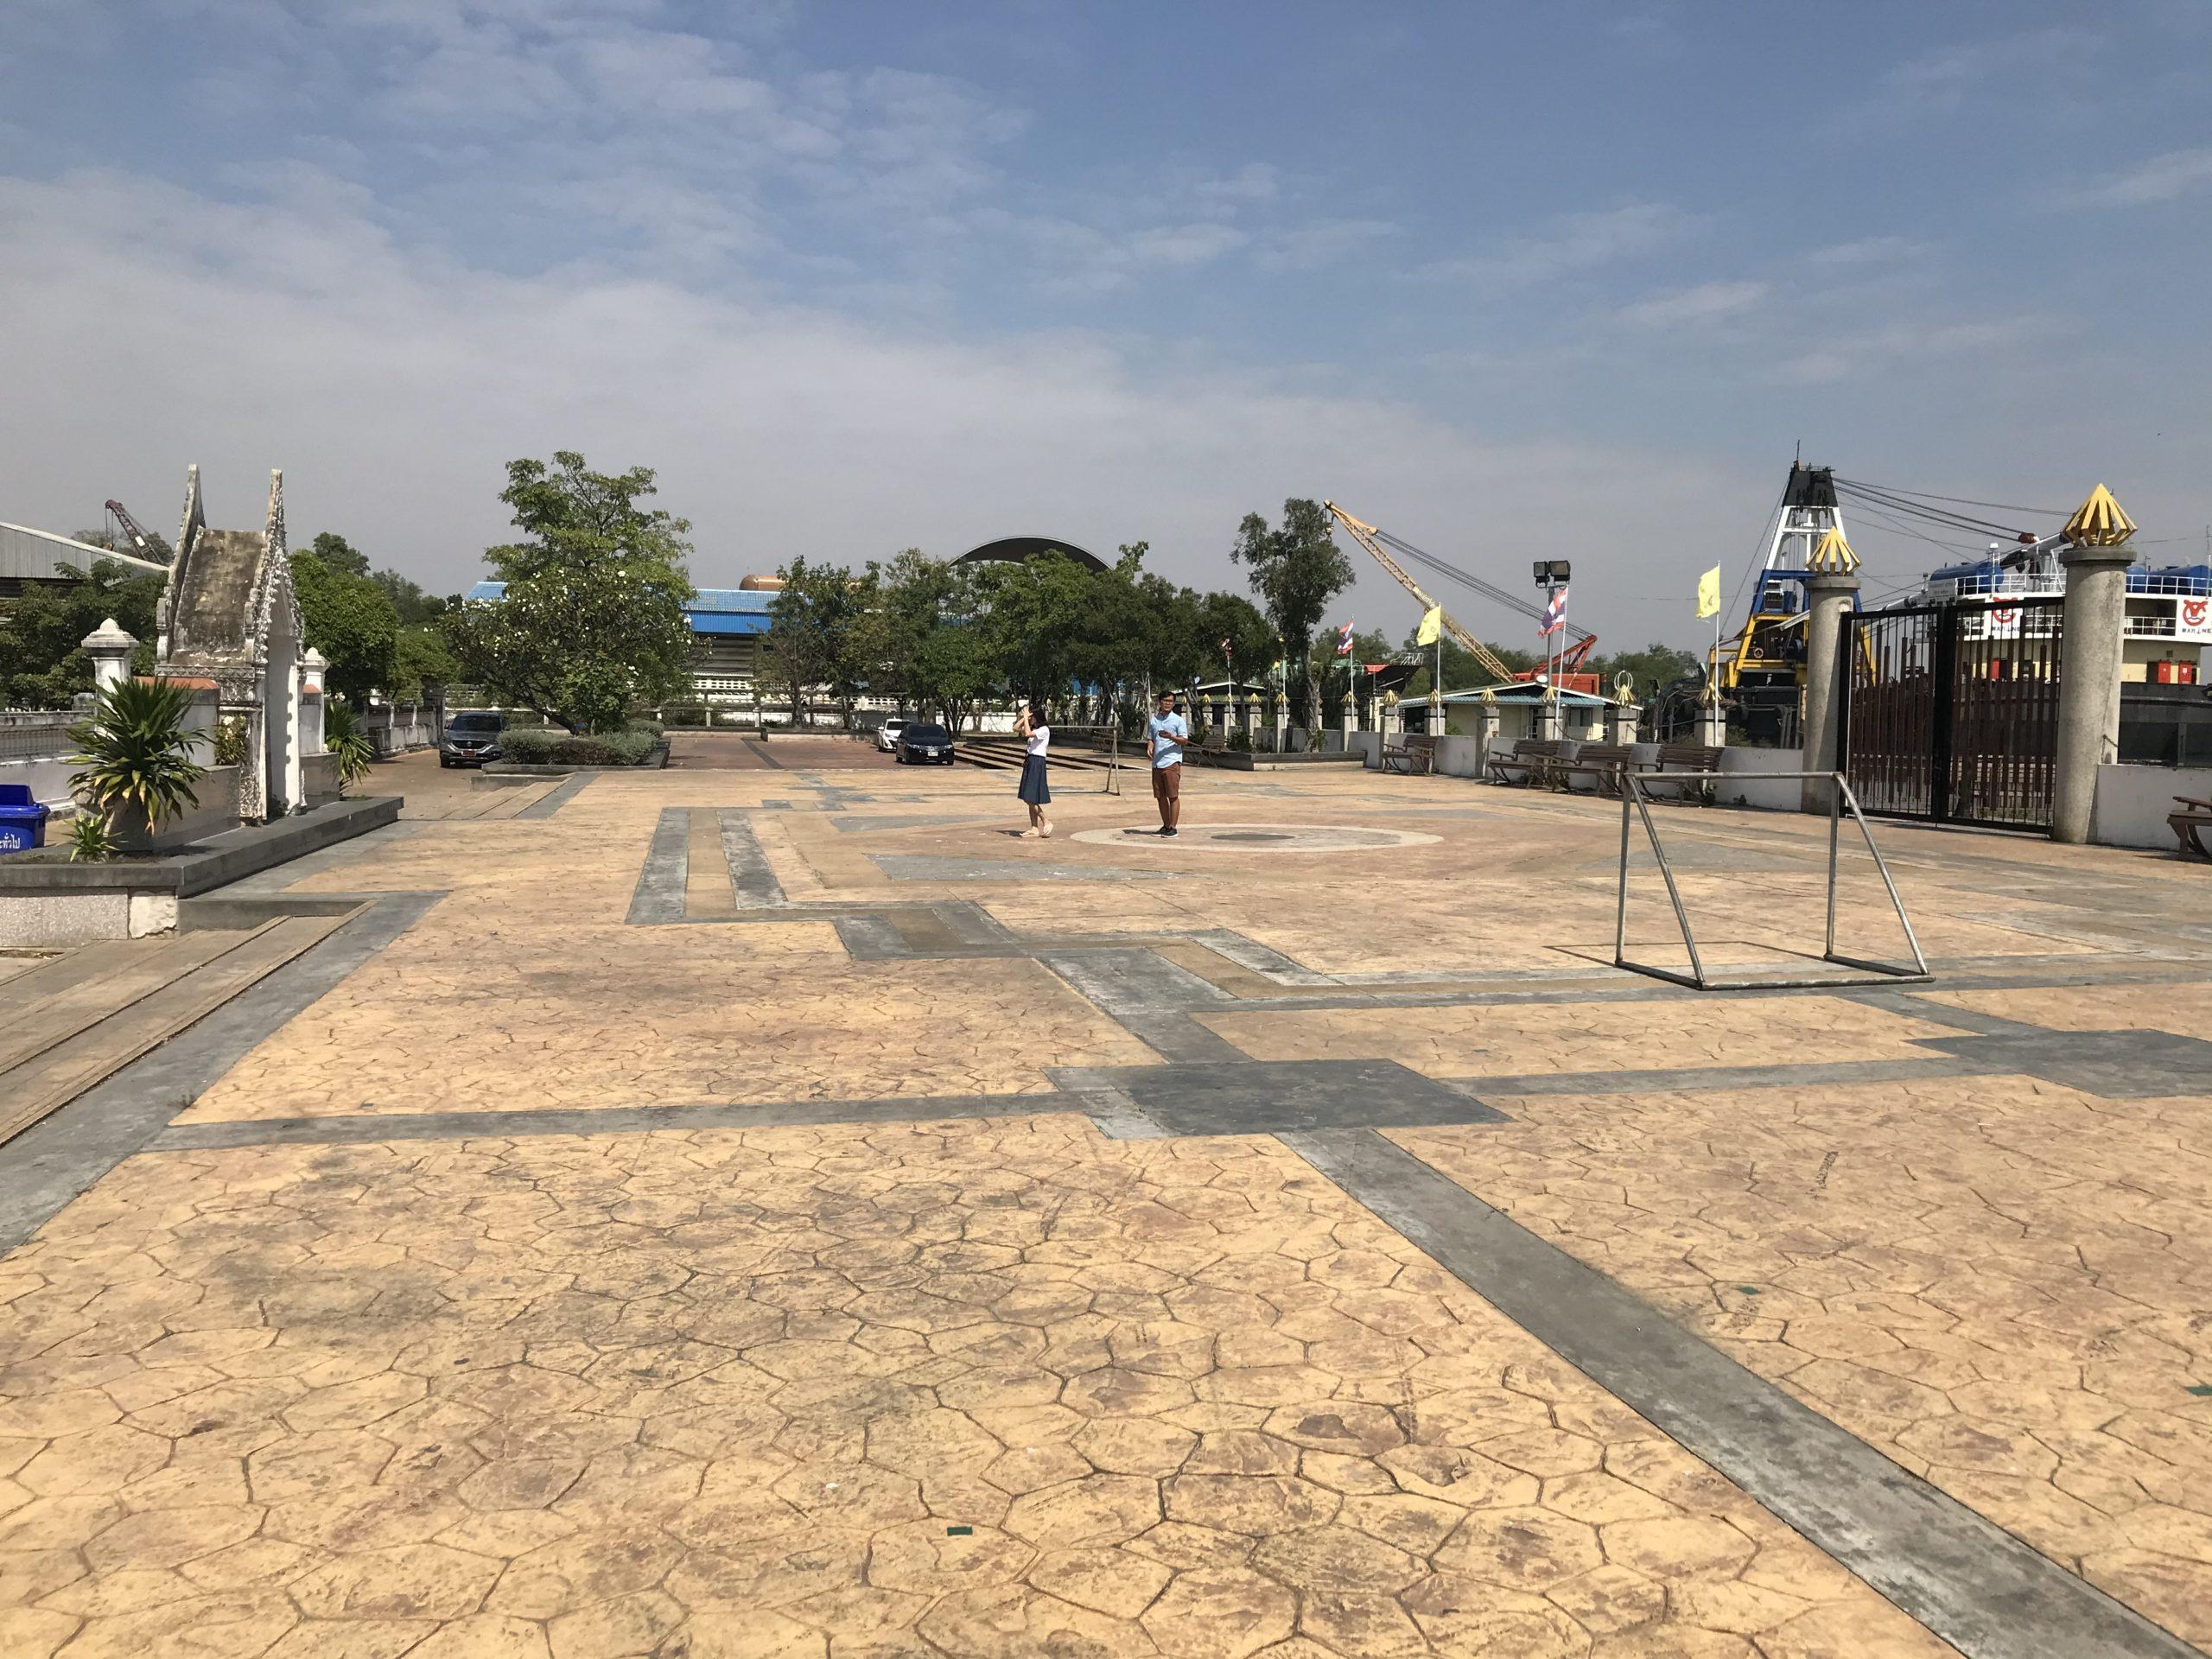 渡船場〜Phra samut chedi寺院